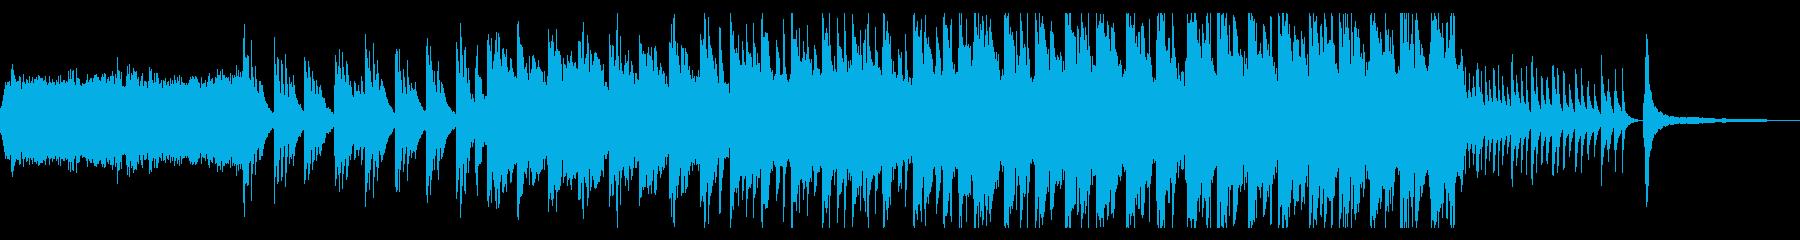 尺八とピアノの壮大で切ない和風曲の再生済みの波形